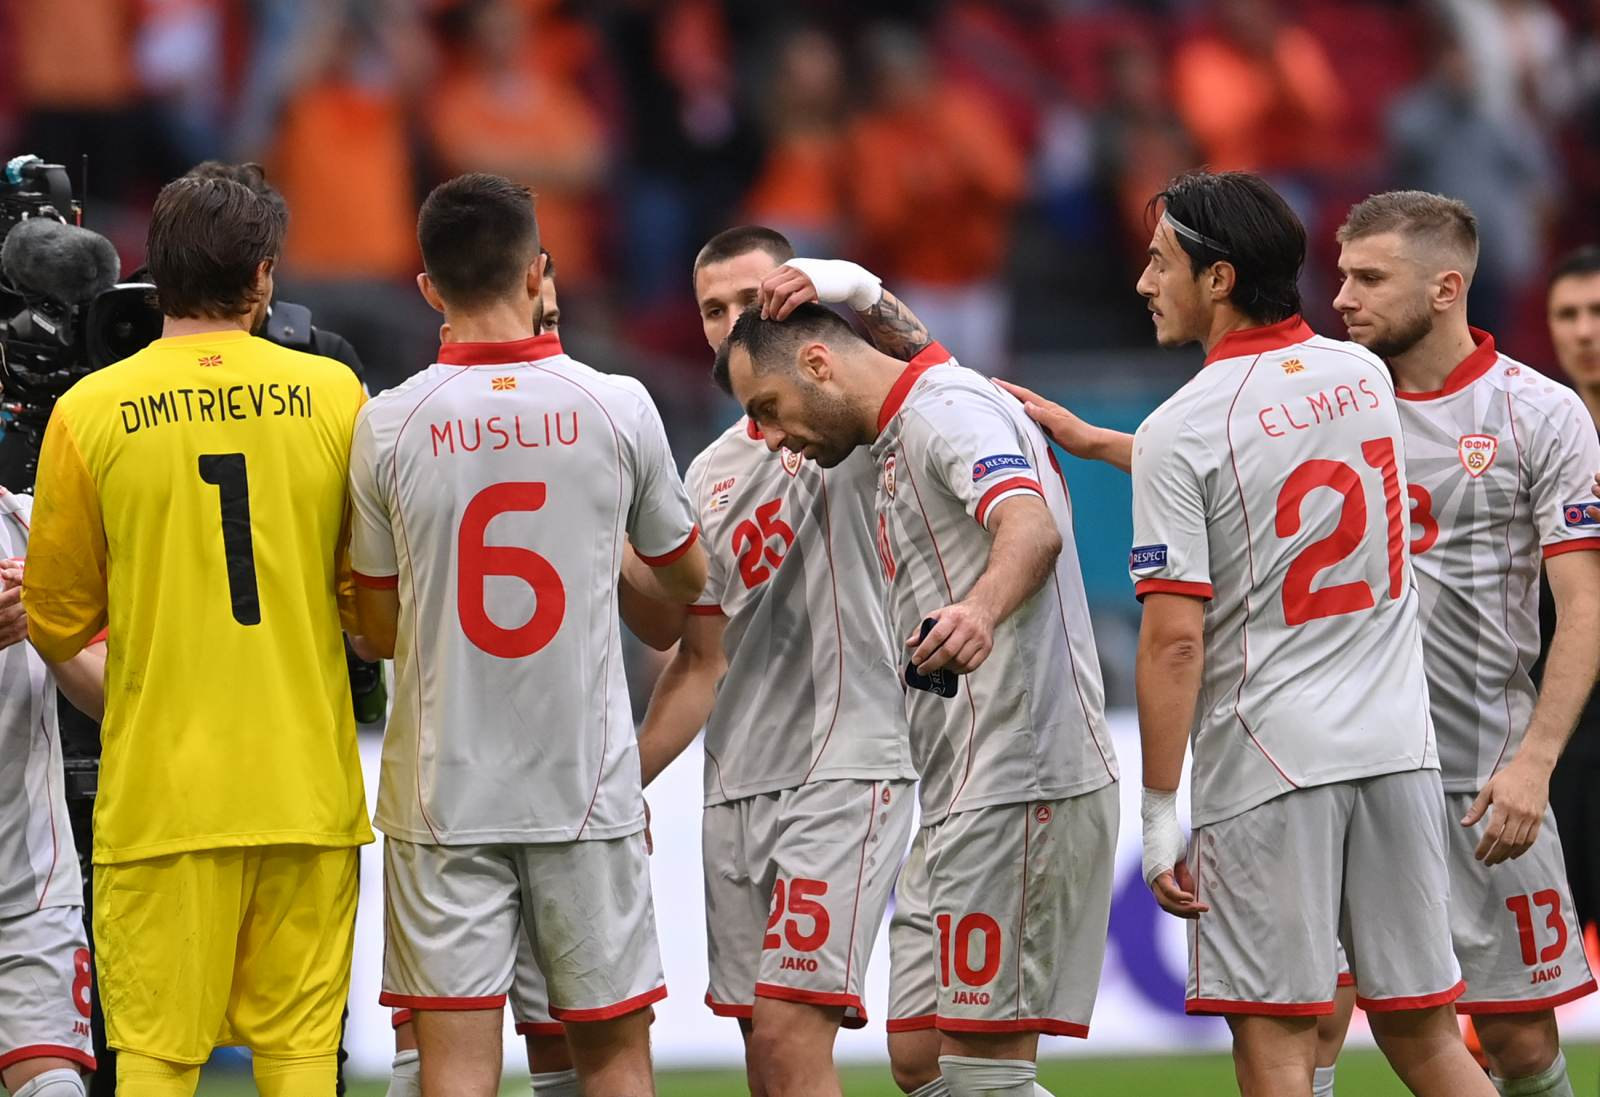 Северная Македония – Армения: прогноз на матч отборочного цикла чемпионата мира-2022 - 2 сентября 2021